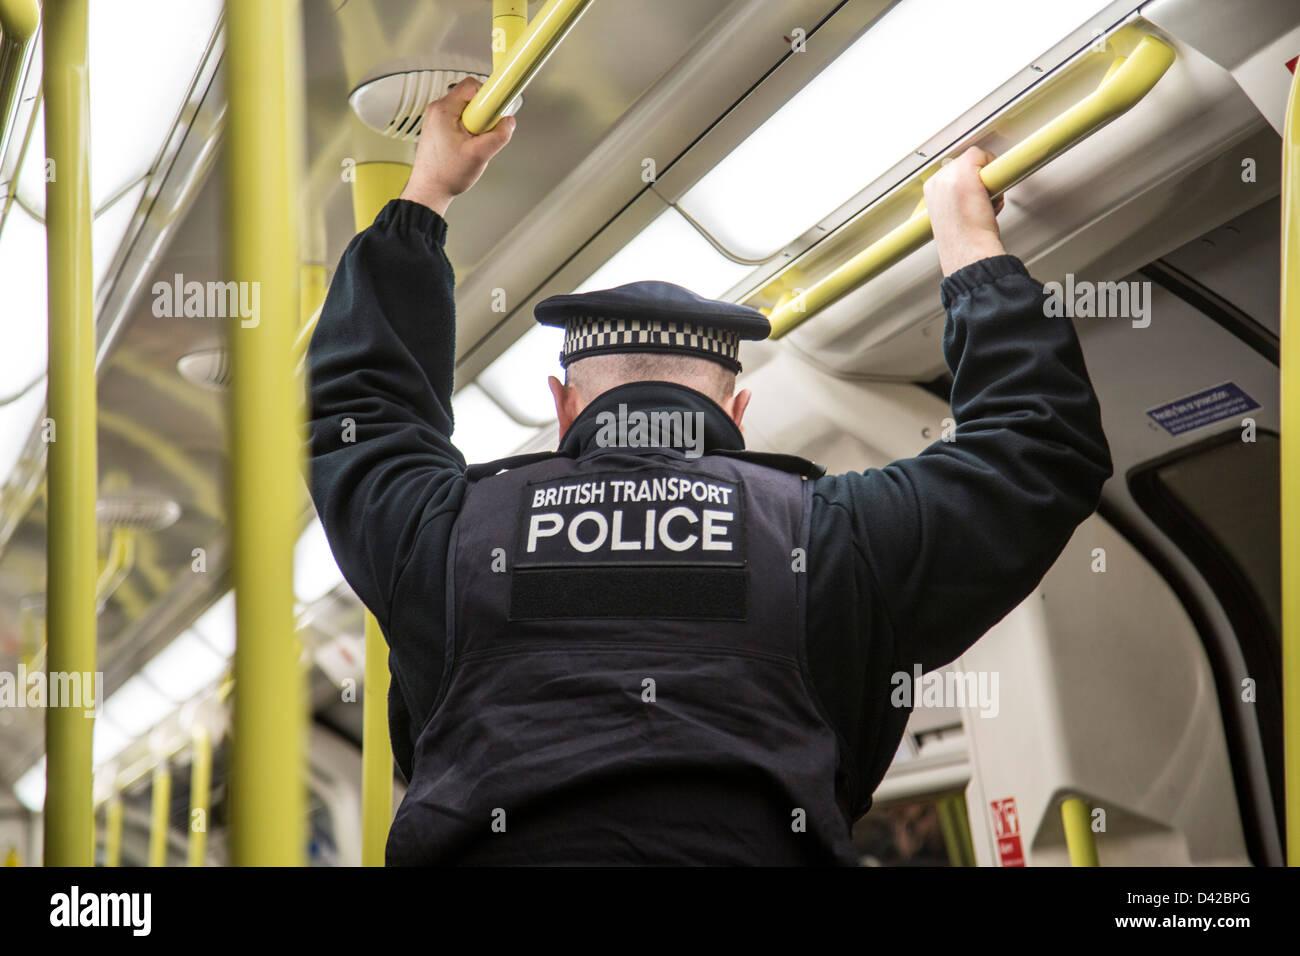 Agent de police britannique des transports sur train de tube underground Photo Stock